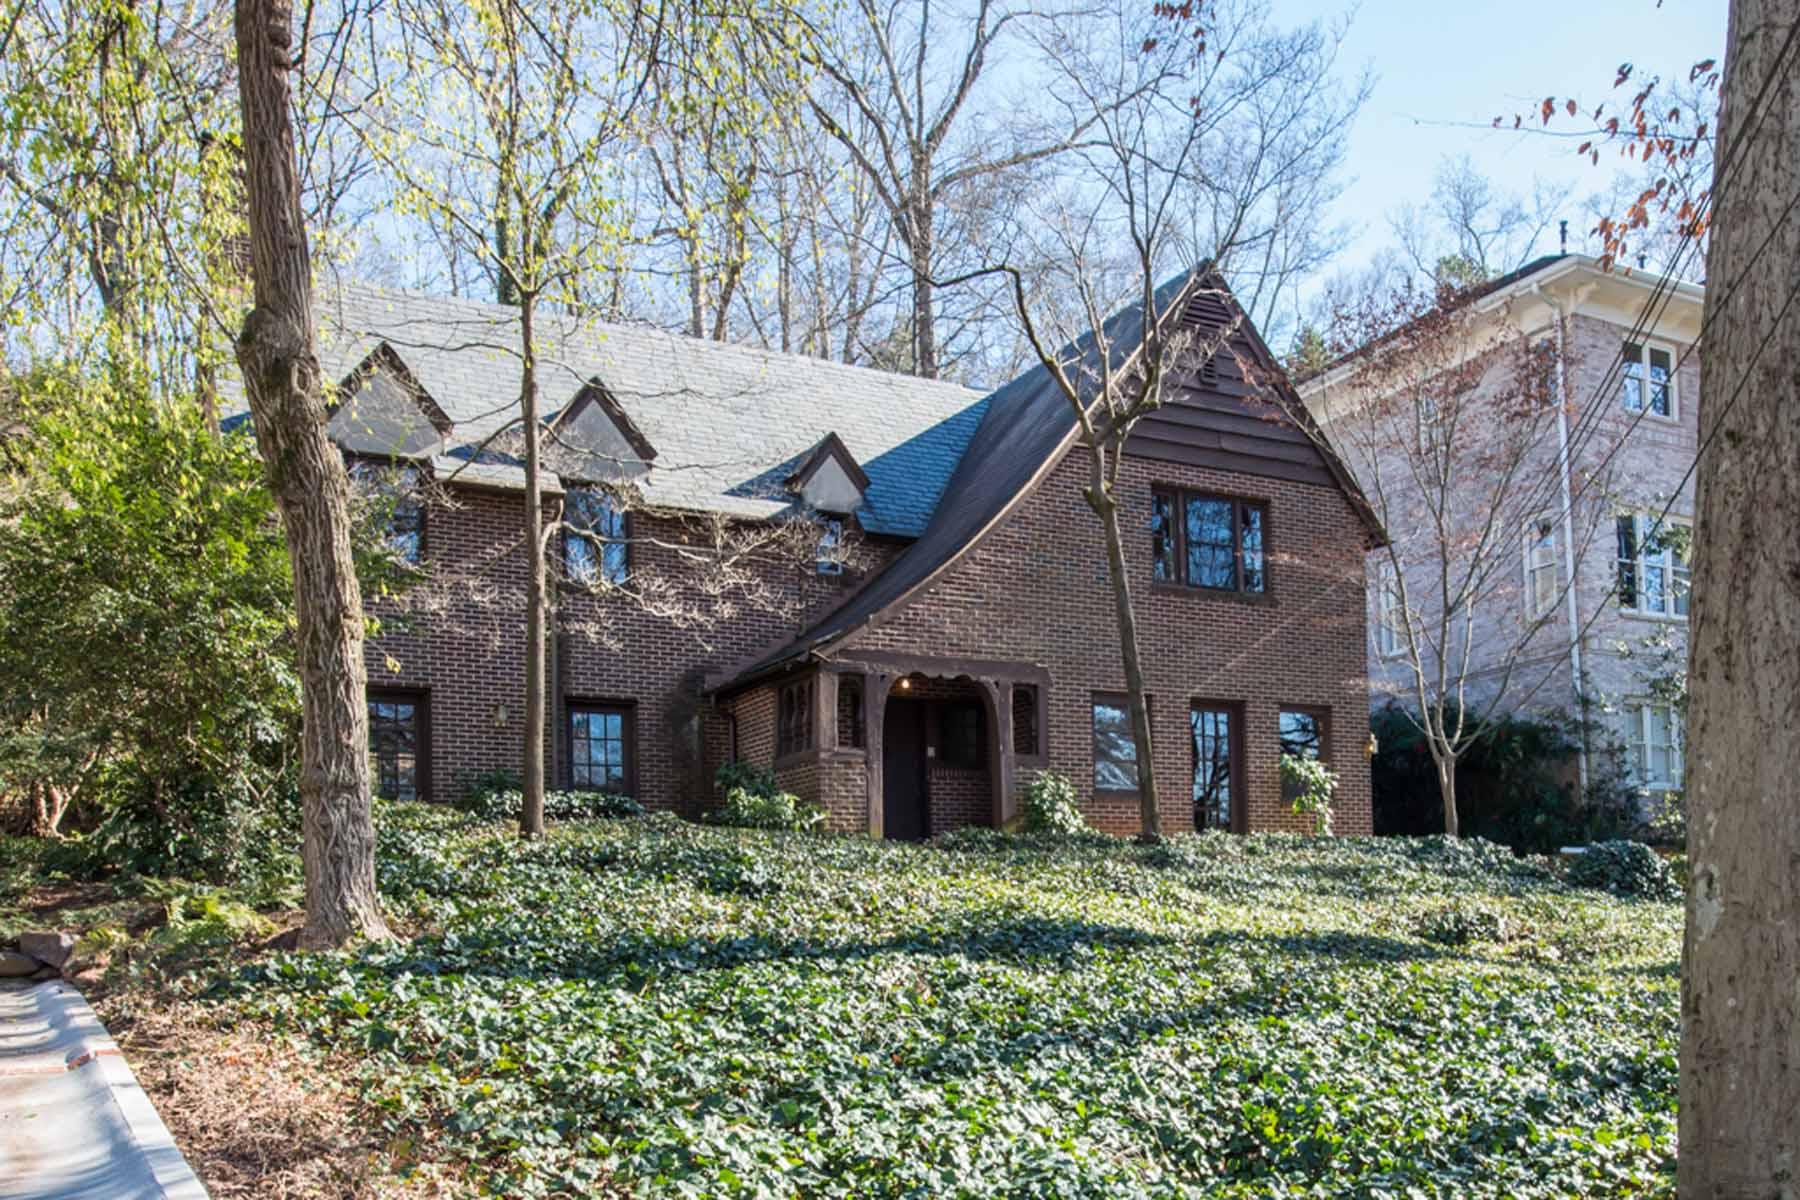 獨棟家庭住宅 為 出售 在 Historic 1924 Custom Built Tudor on estate lot with authentic Tudor architecture 941 Clifton Road Druid Hills, Atlanta, 喬治亞州, 30307 美國